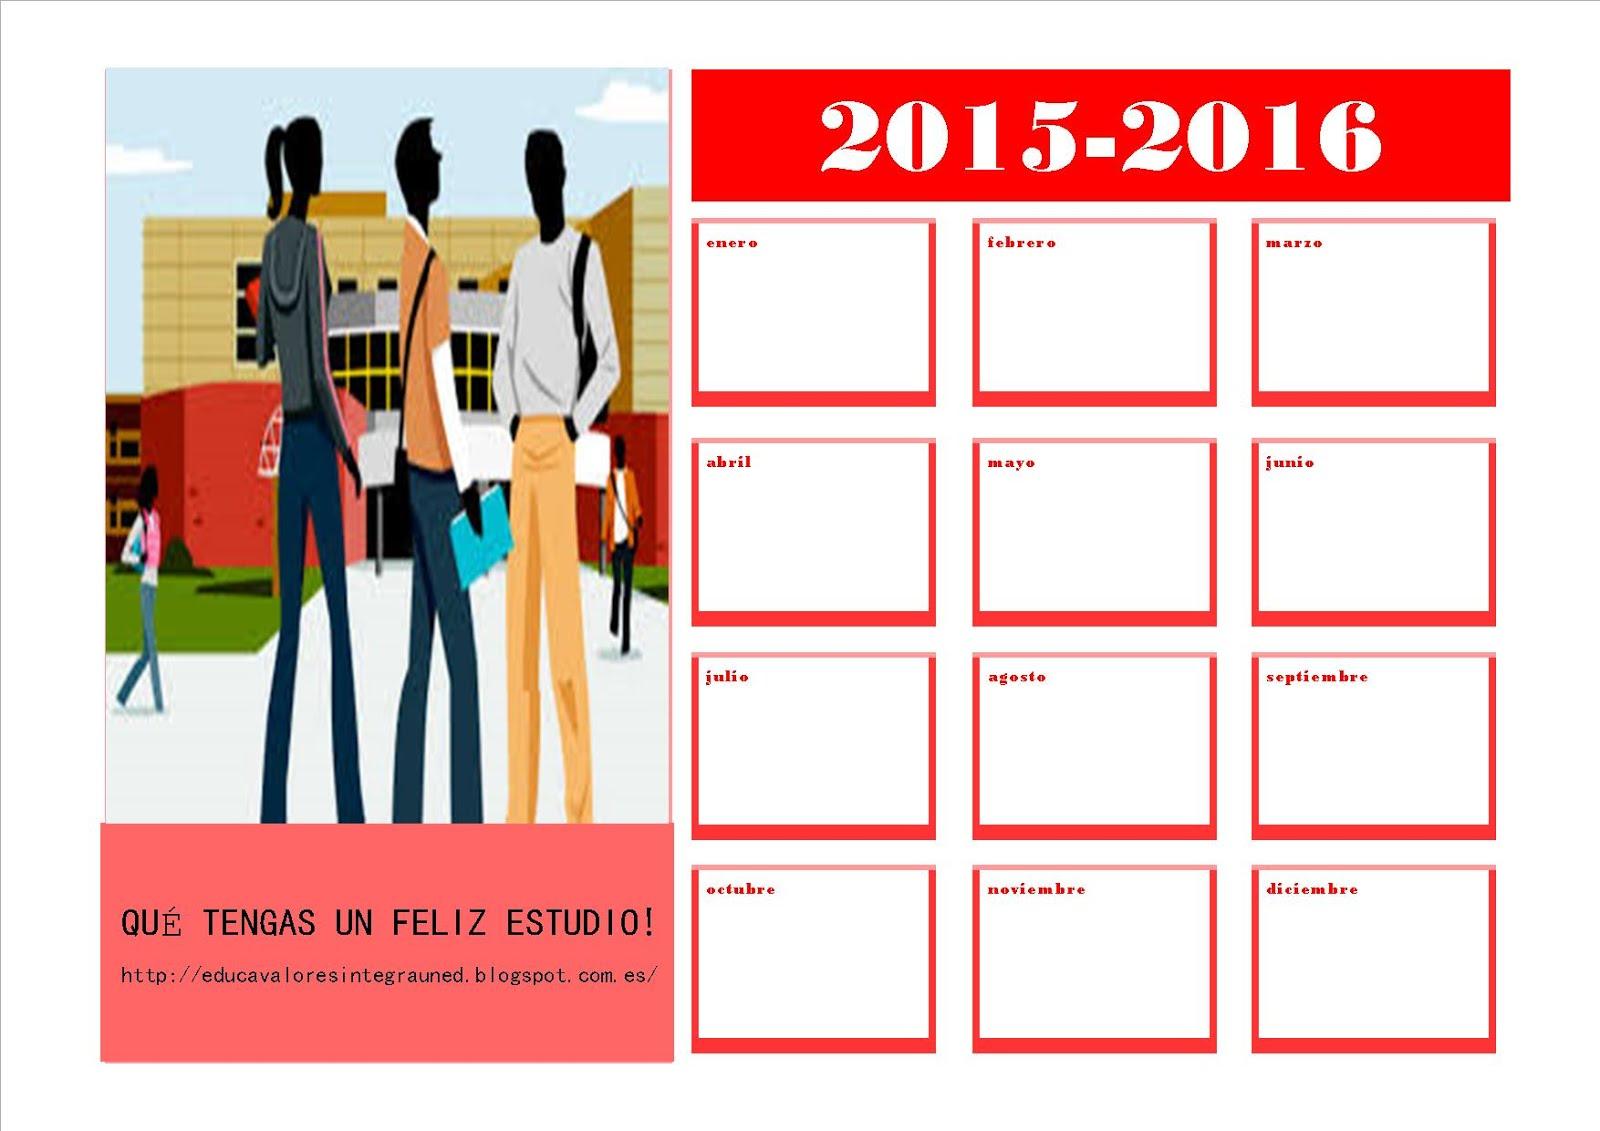 ¡GRATIS! CALENDARIO ESCOLAR 2015-2016 MES A MES